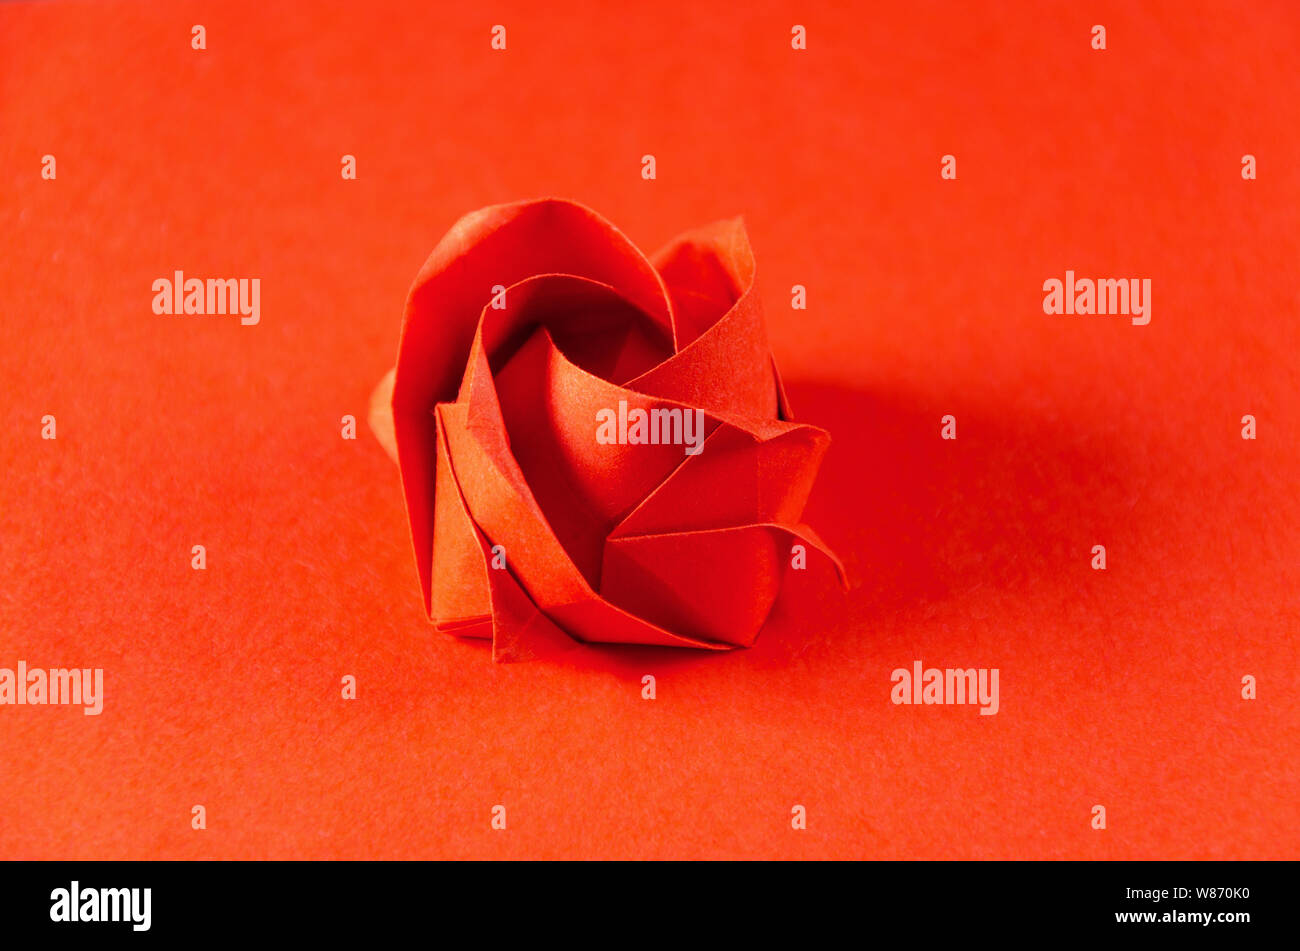 Red Origami Rose Auf Rotem Hintergrund Japanische Kunst Des Papierfaltens Flache Quadratische Blatt Papier In Eine Fertige Skulptur Durch Falten Ubertragen Stockfotografie Alamy